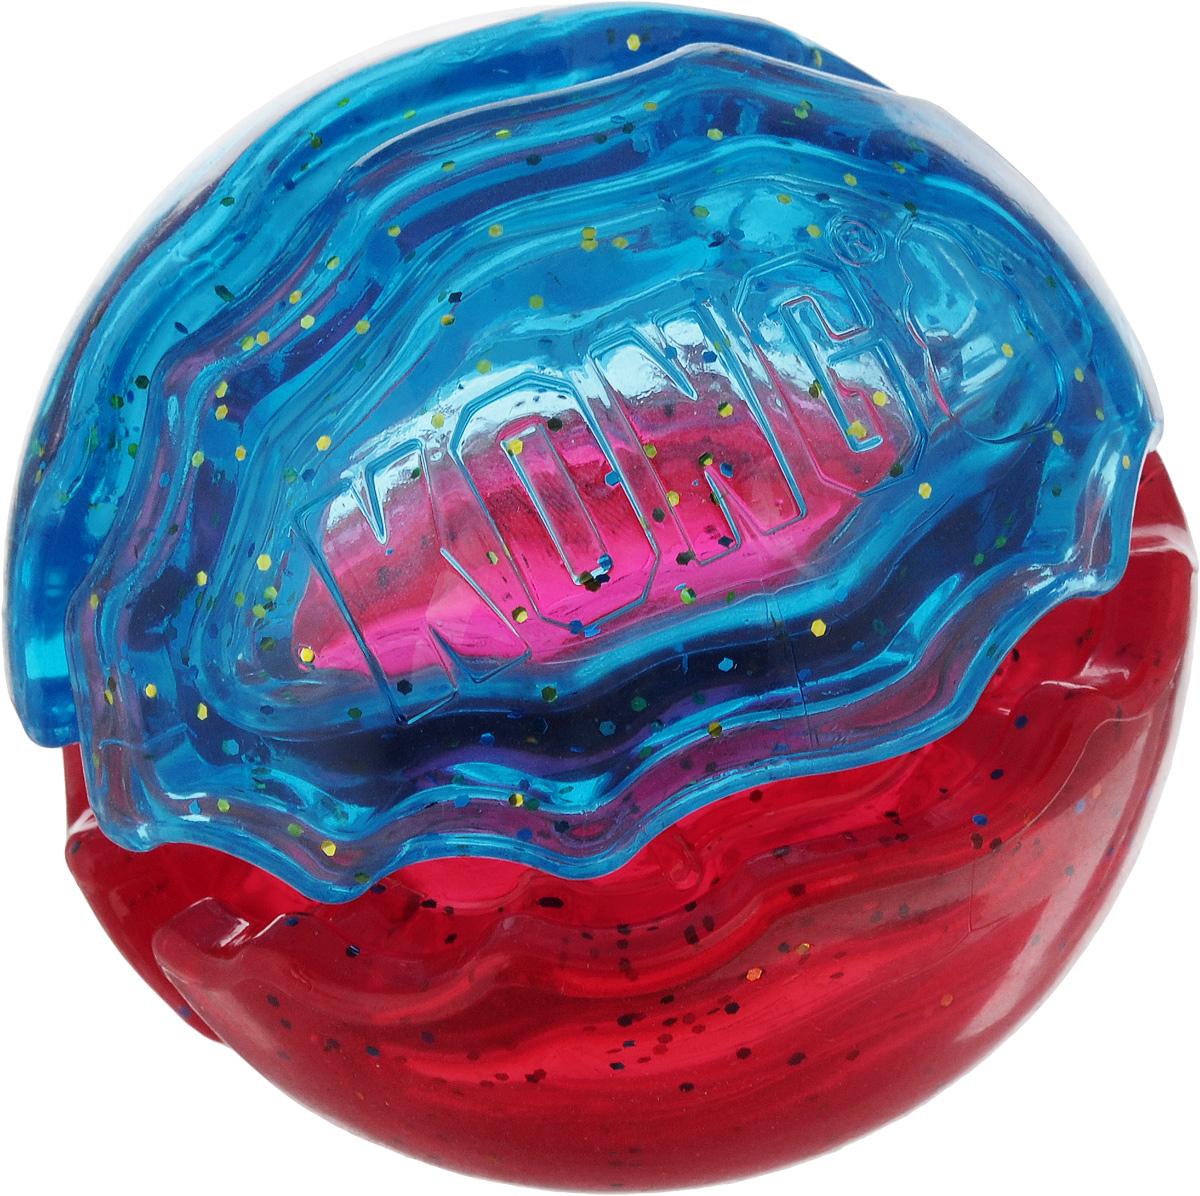 Игрушка для собак Kong Duets. Мячик, цвет: красный, бирюзовый, диаметр 9 см0120710Игрушки Kong Duets. Мячик - двойное удовольствие для собак. Она выполнена из высококачественной резины. Такую игрушку можно использовать в разнообразных совместных играх, уникальный дизайн подходит для заполнения гранулами корма или лакомства. Вызывает интерес у собак, стремящихся извлечь из них лакомства.